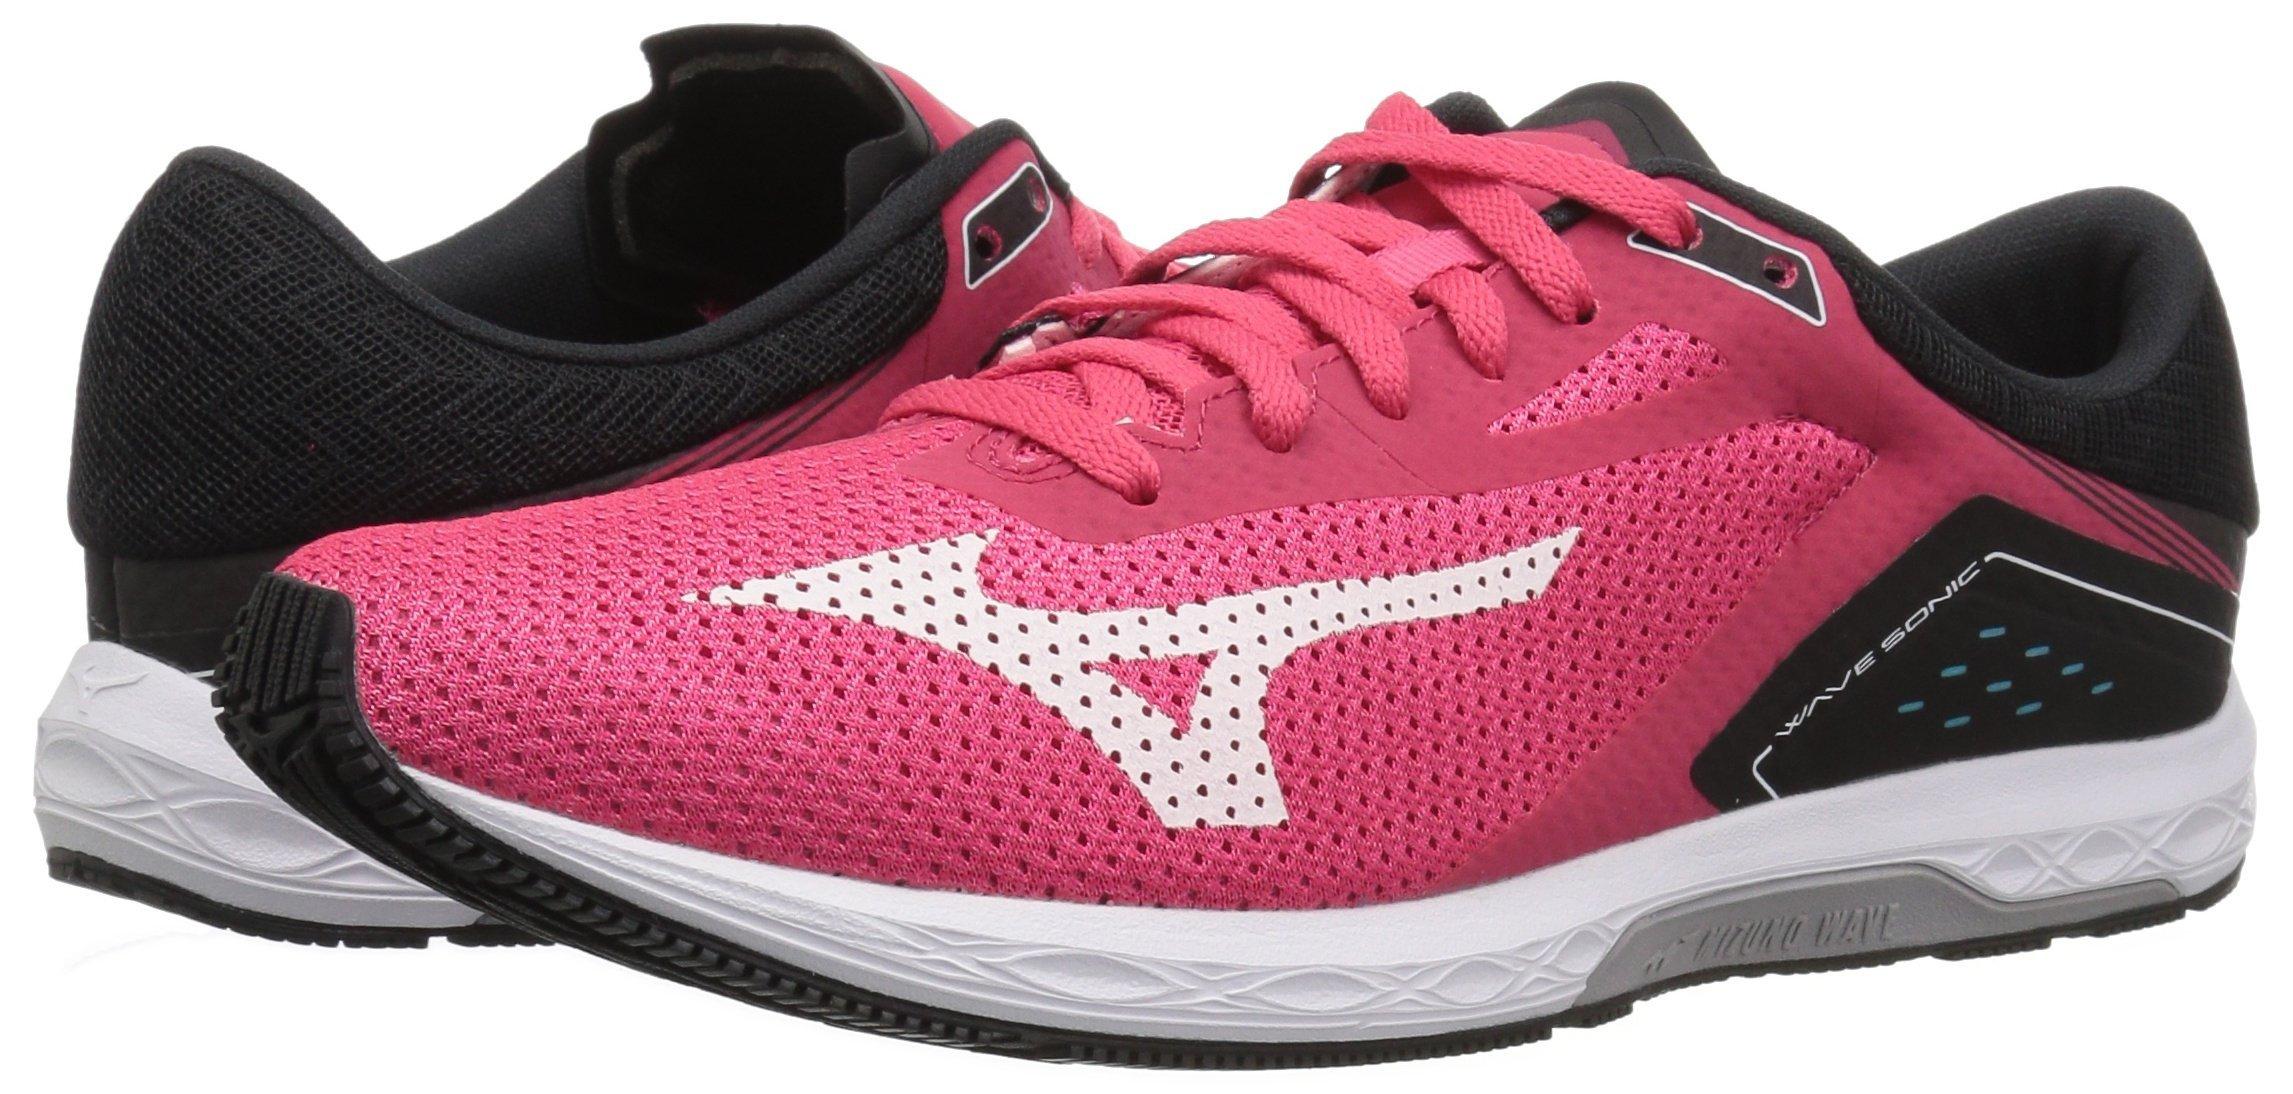 818hcWH0ThL - Mizuno Women's Wave Sonic Running Shoe